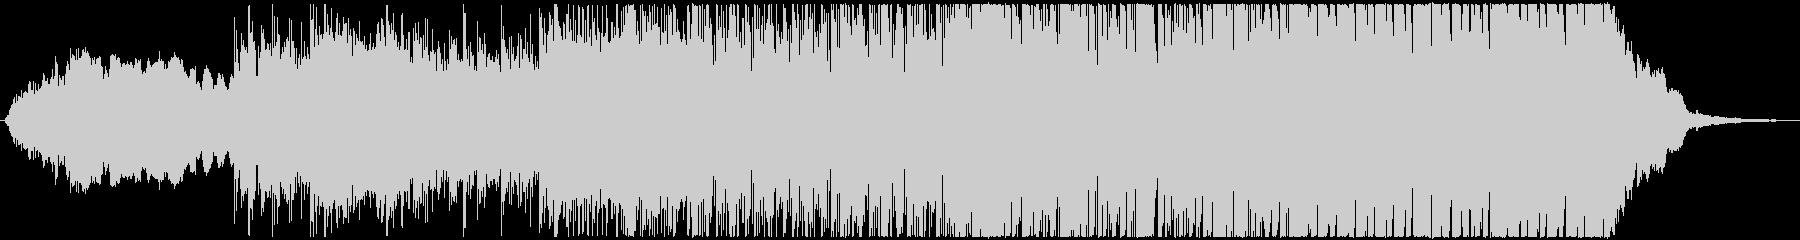 戦闘イメージのEDMの未再生の波形